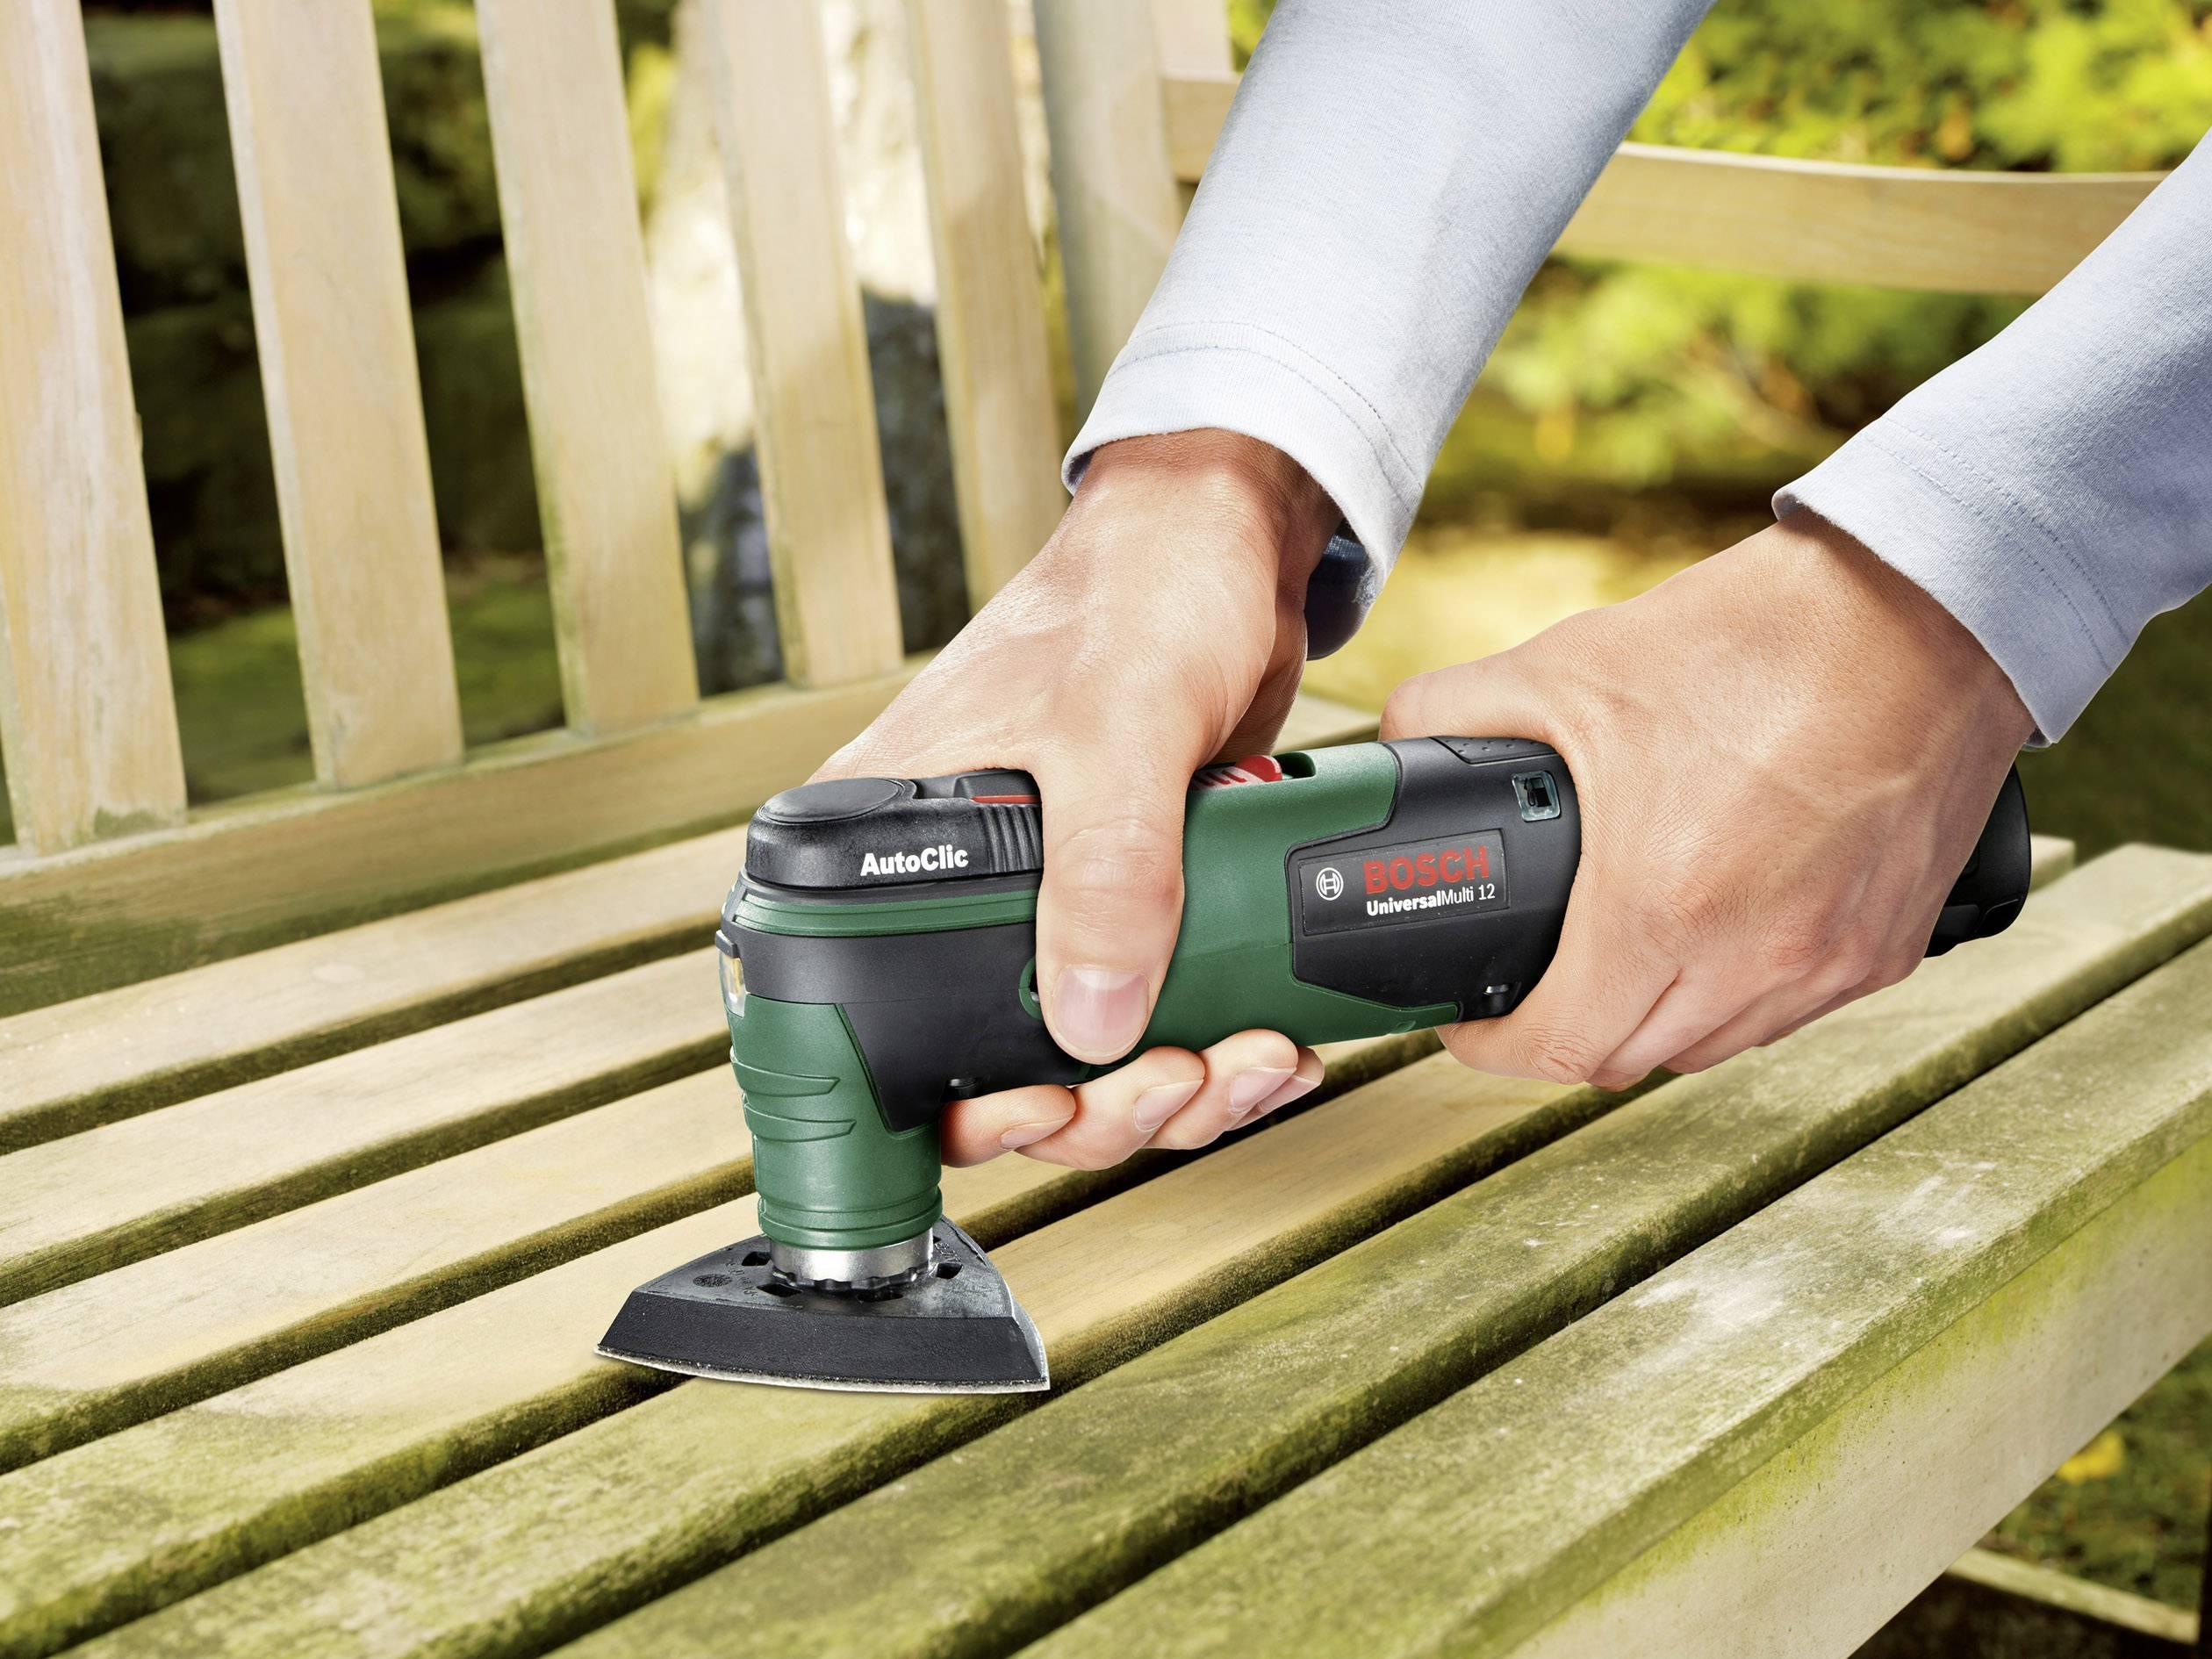 Multifunkčné náradie Bosch Home and Garden UniversalMulti 12 0603103001, + akumulátor, + púzdro